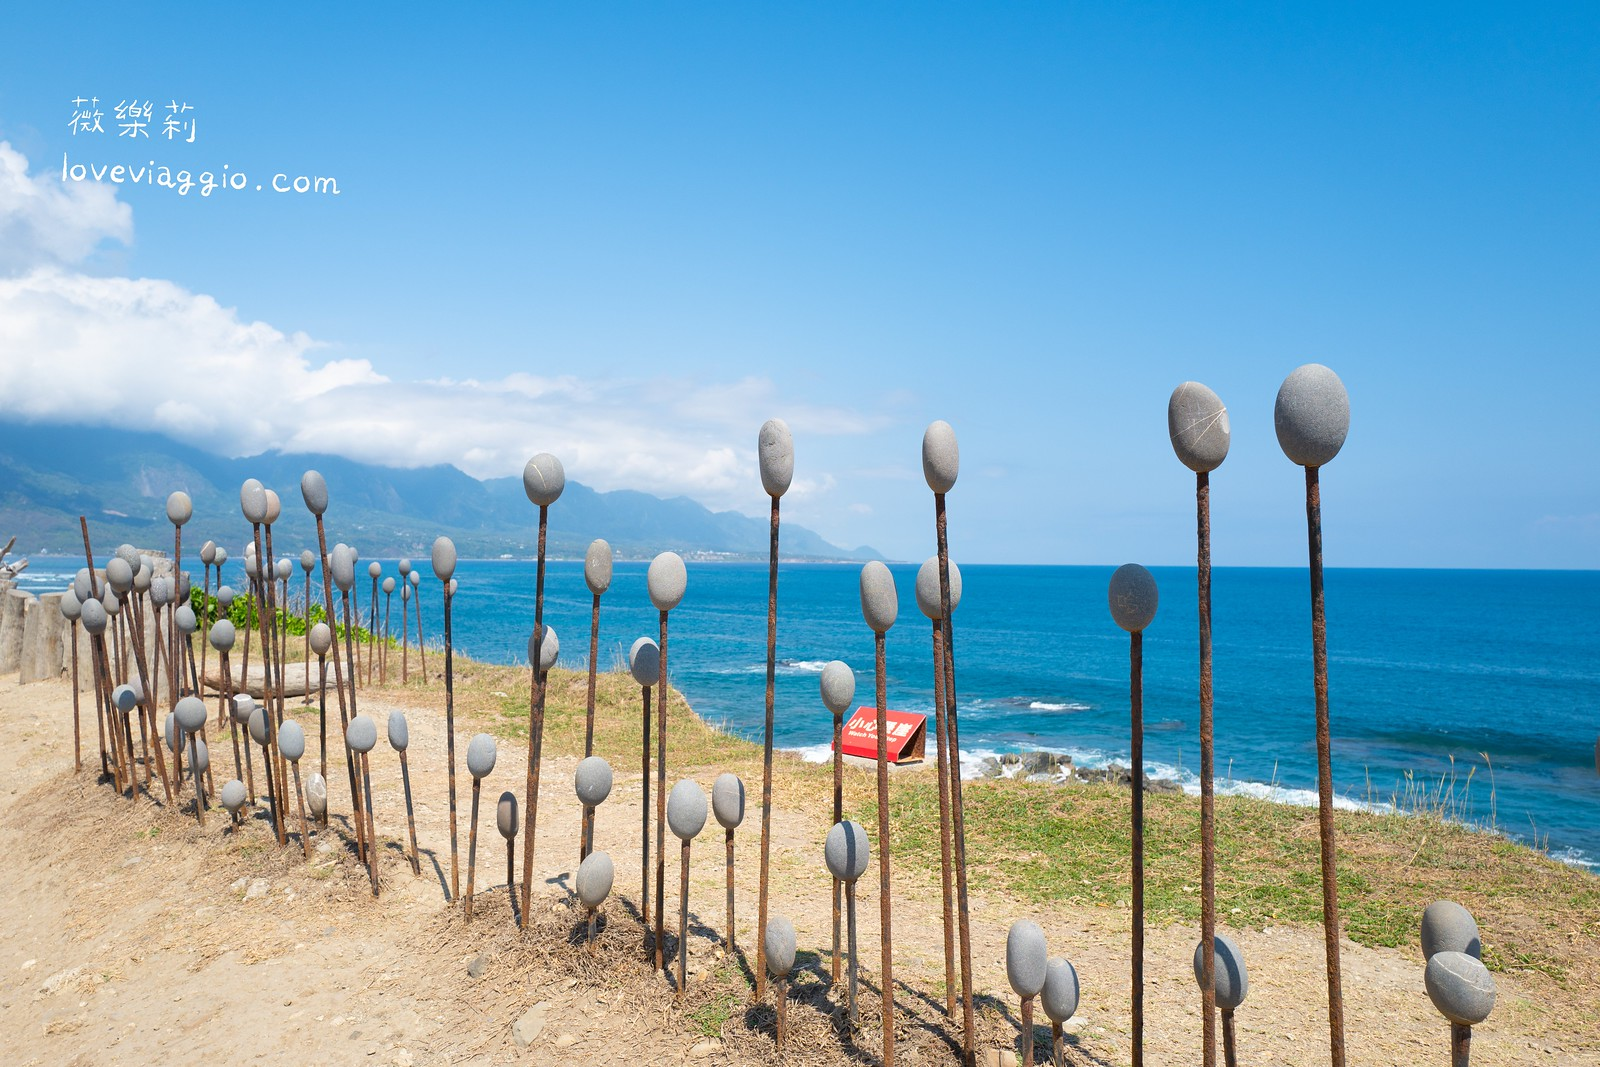 【台東 Taitung】加路蘭遊憩區 自然與藝術氣息的東海岸之美 @薇樂莉 Love Viaggio | 旅行.生活.攝影